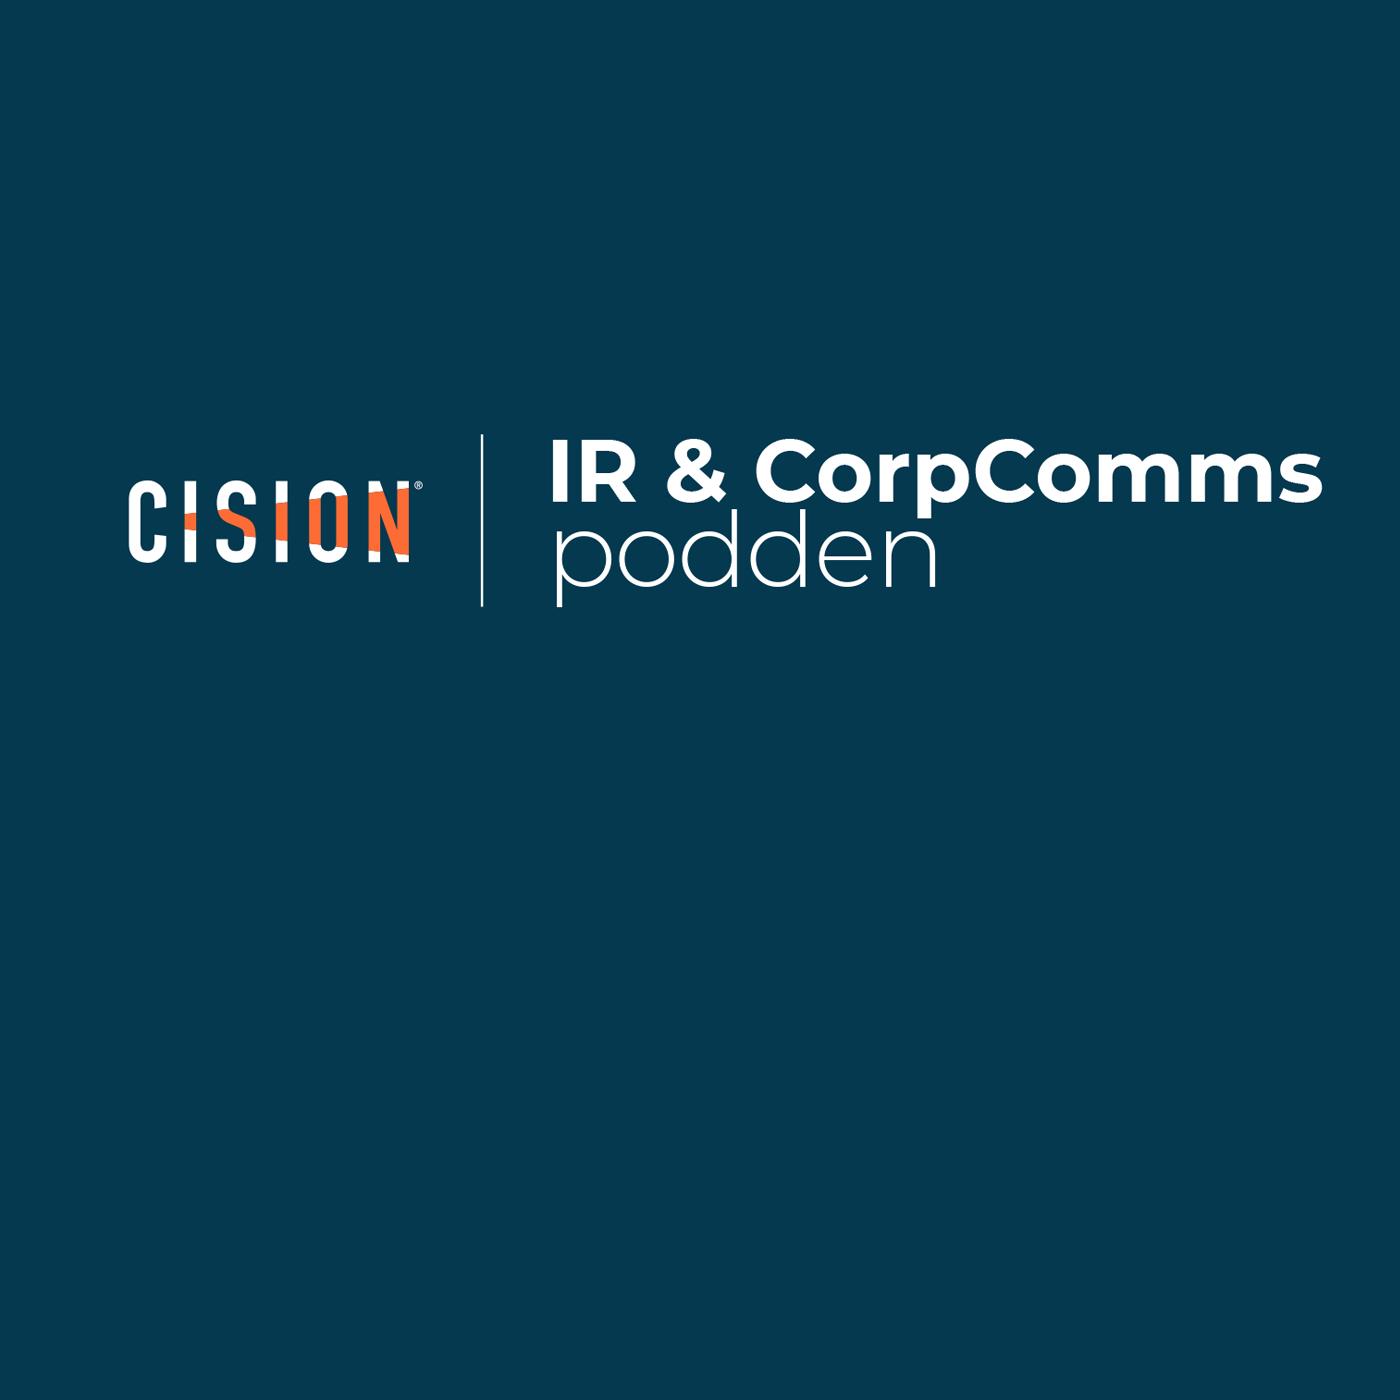 IR & CorpComms-podden show art